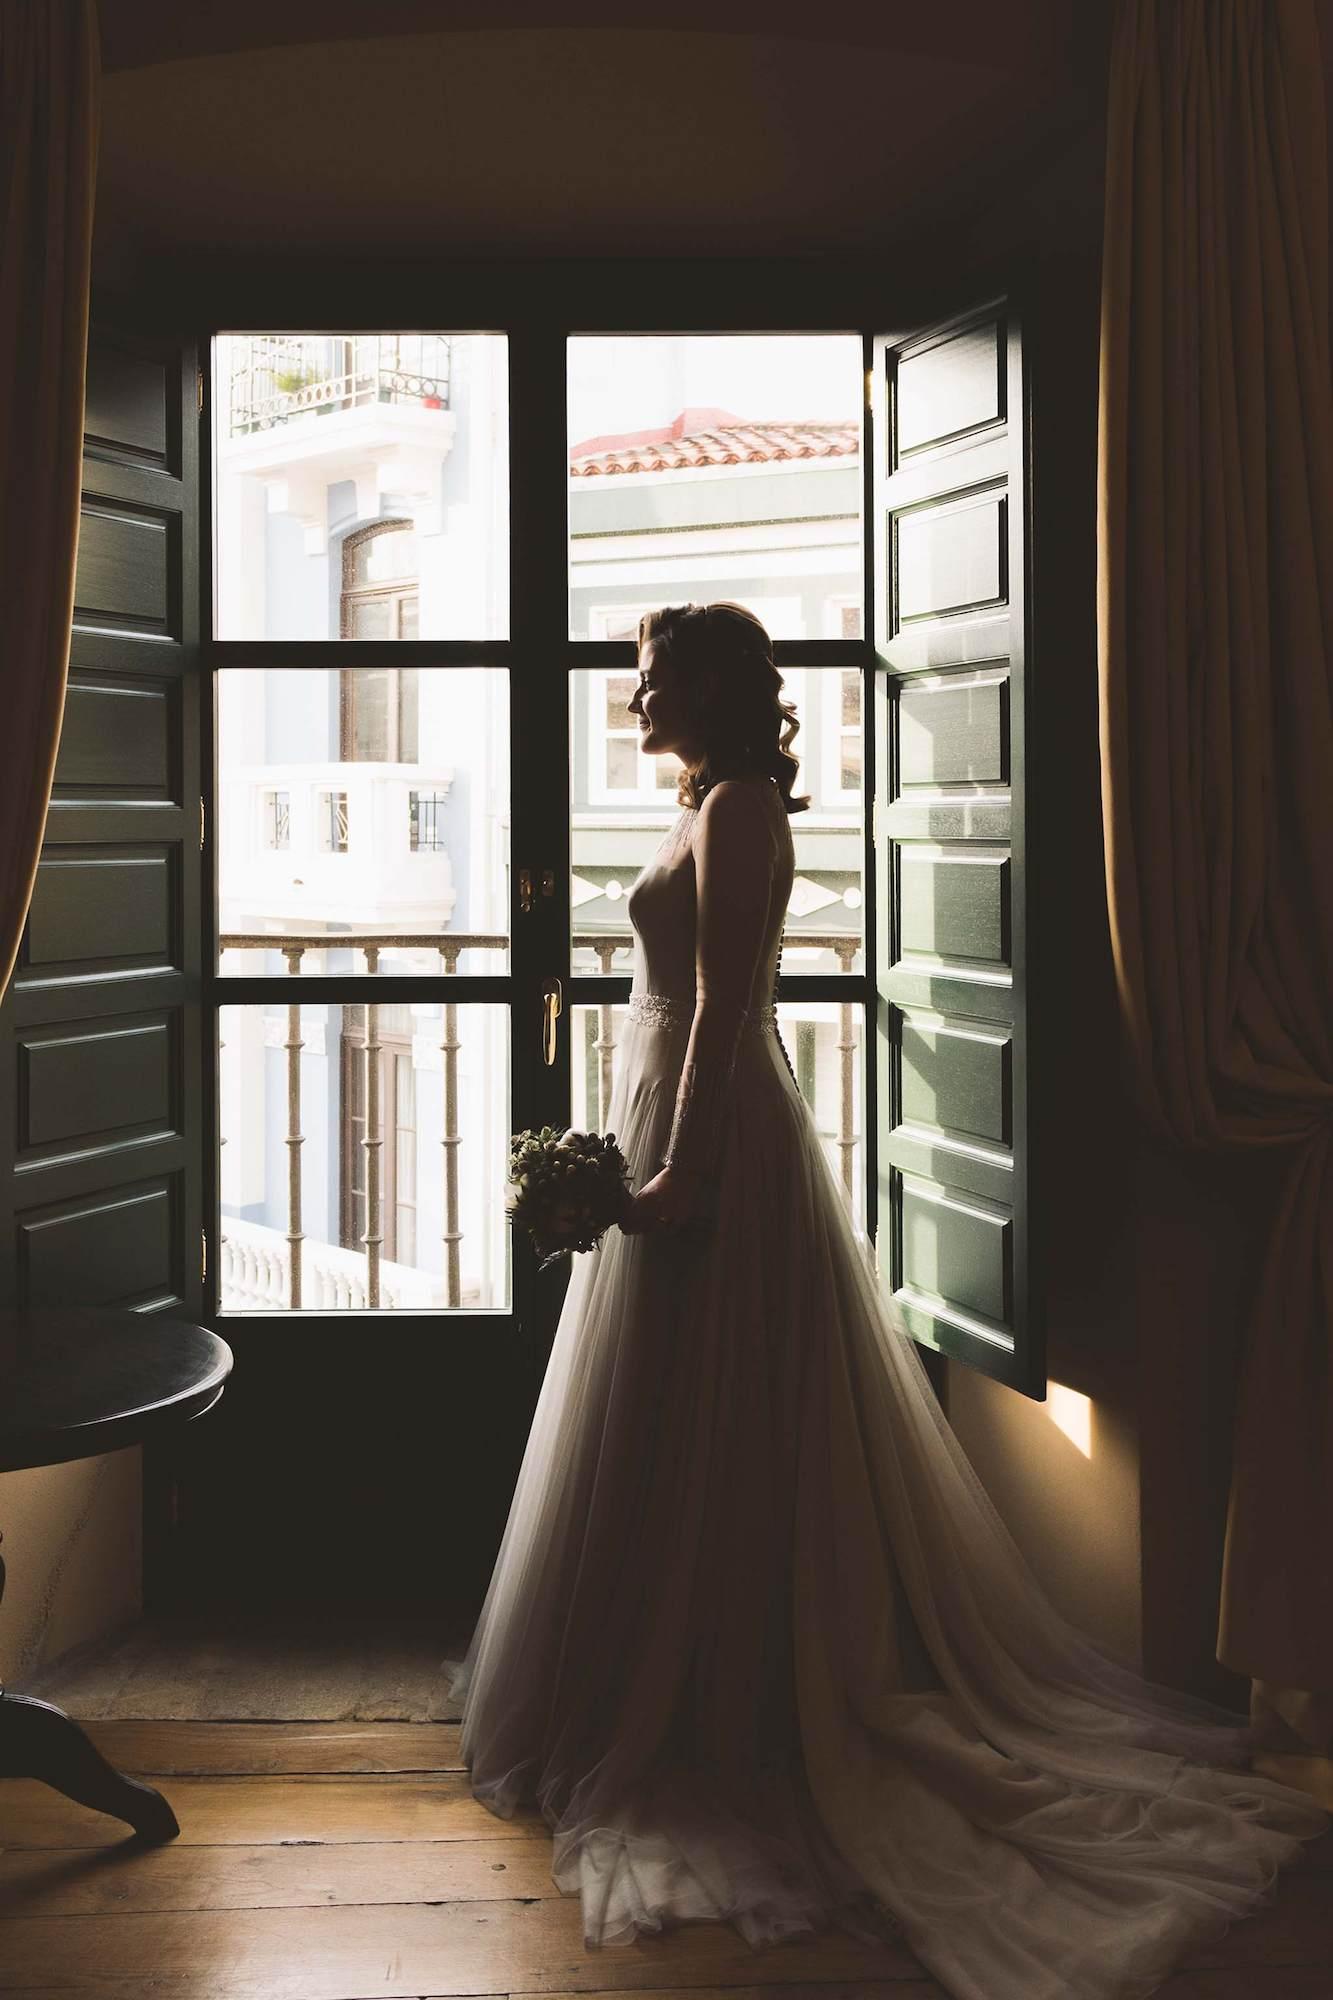 Retrato de la novia en la ventaba de su habitación.